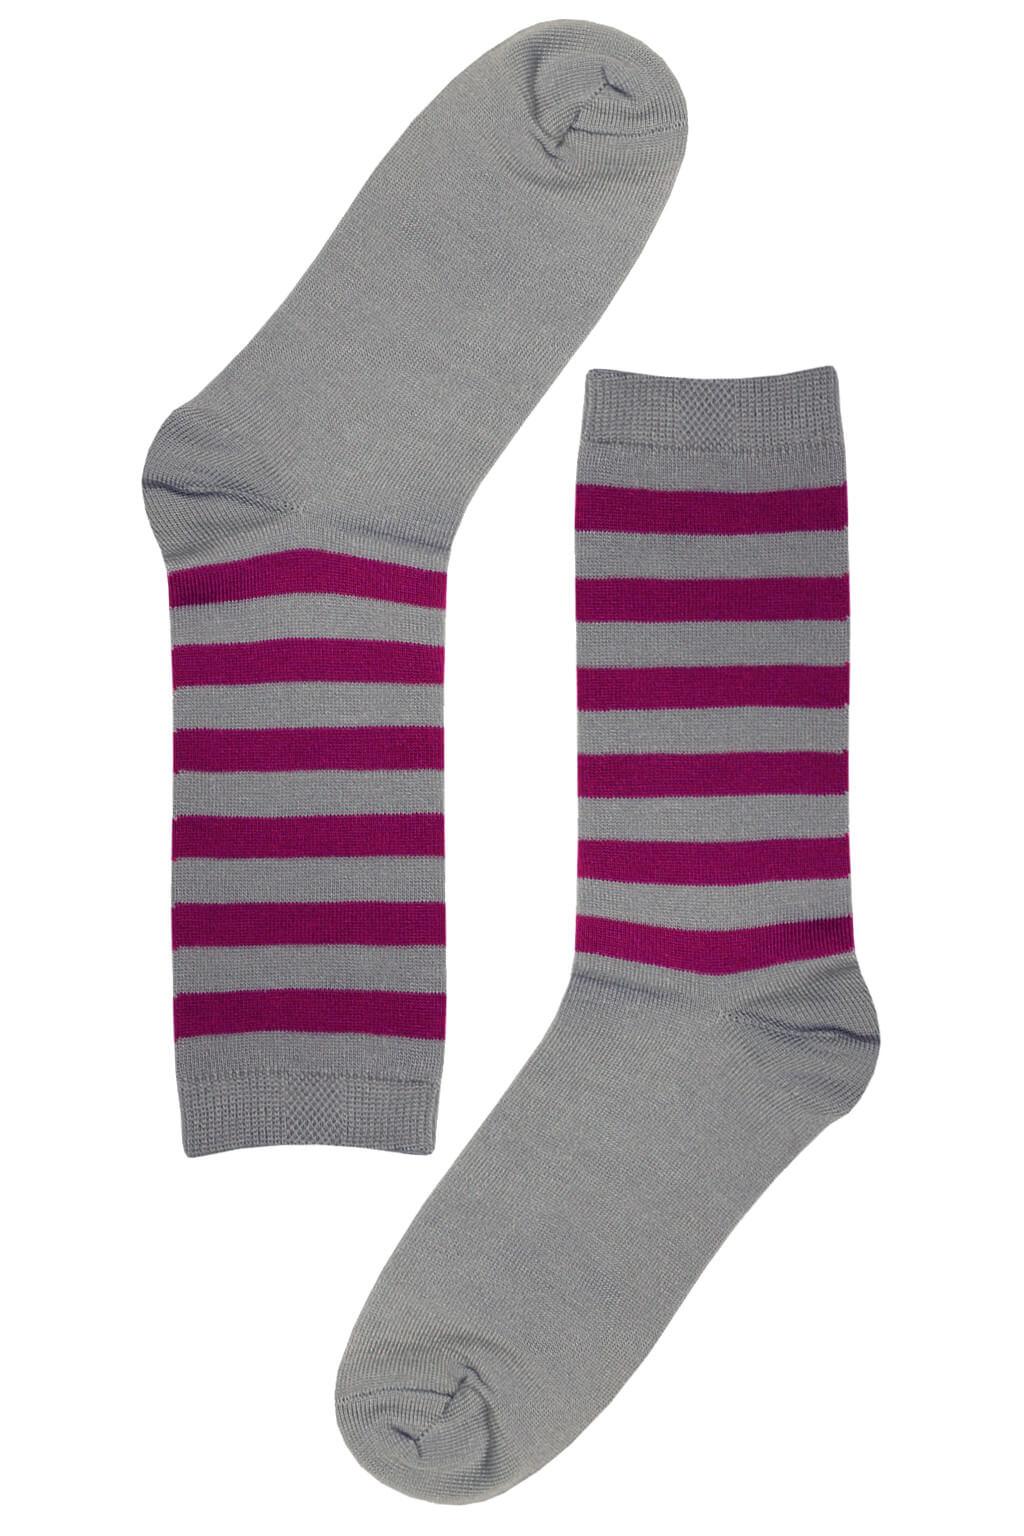 Bellinda veselé ponožky - klasické, bavlněné dámské 39-42 šedá